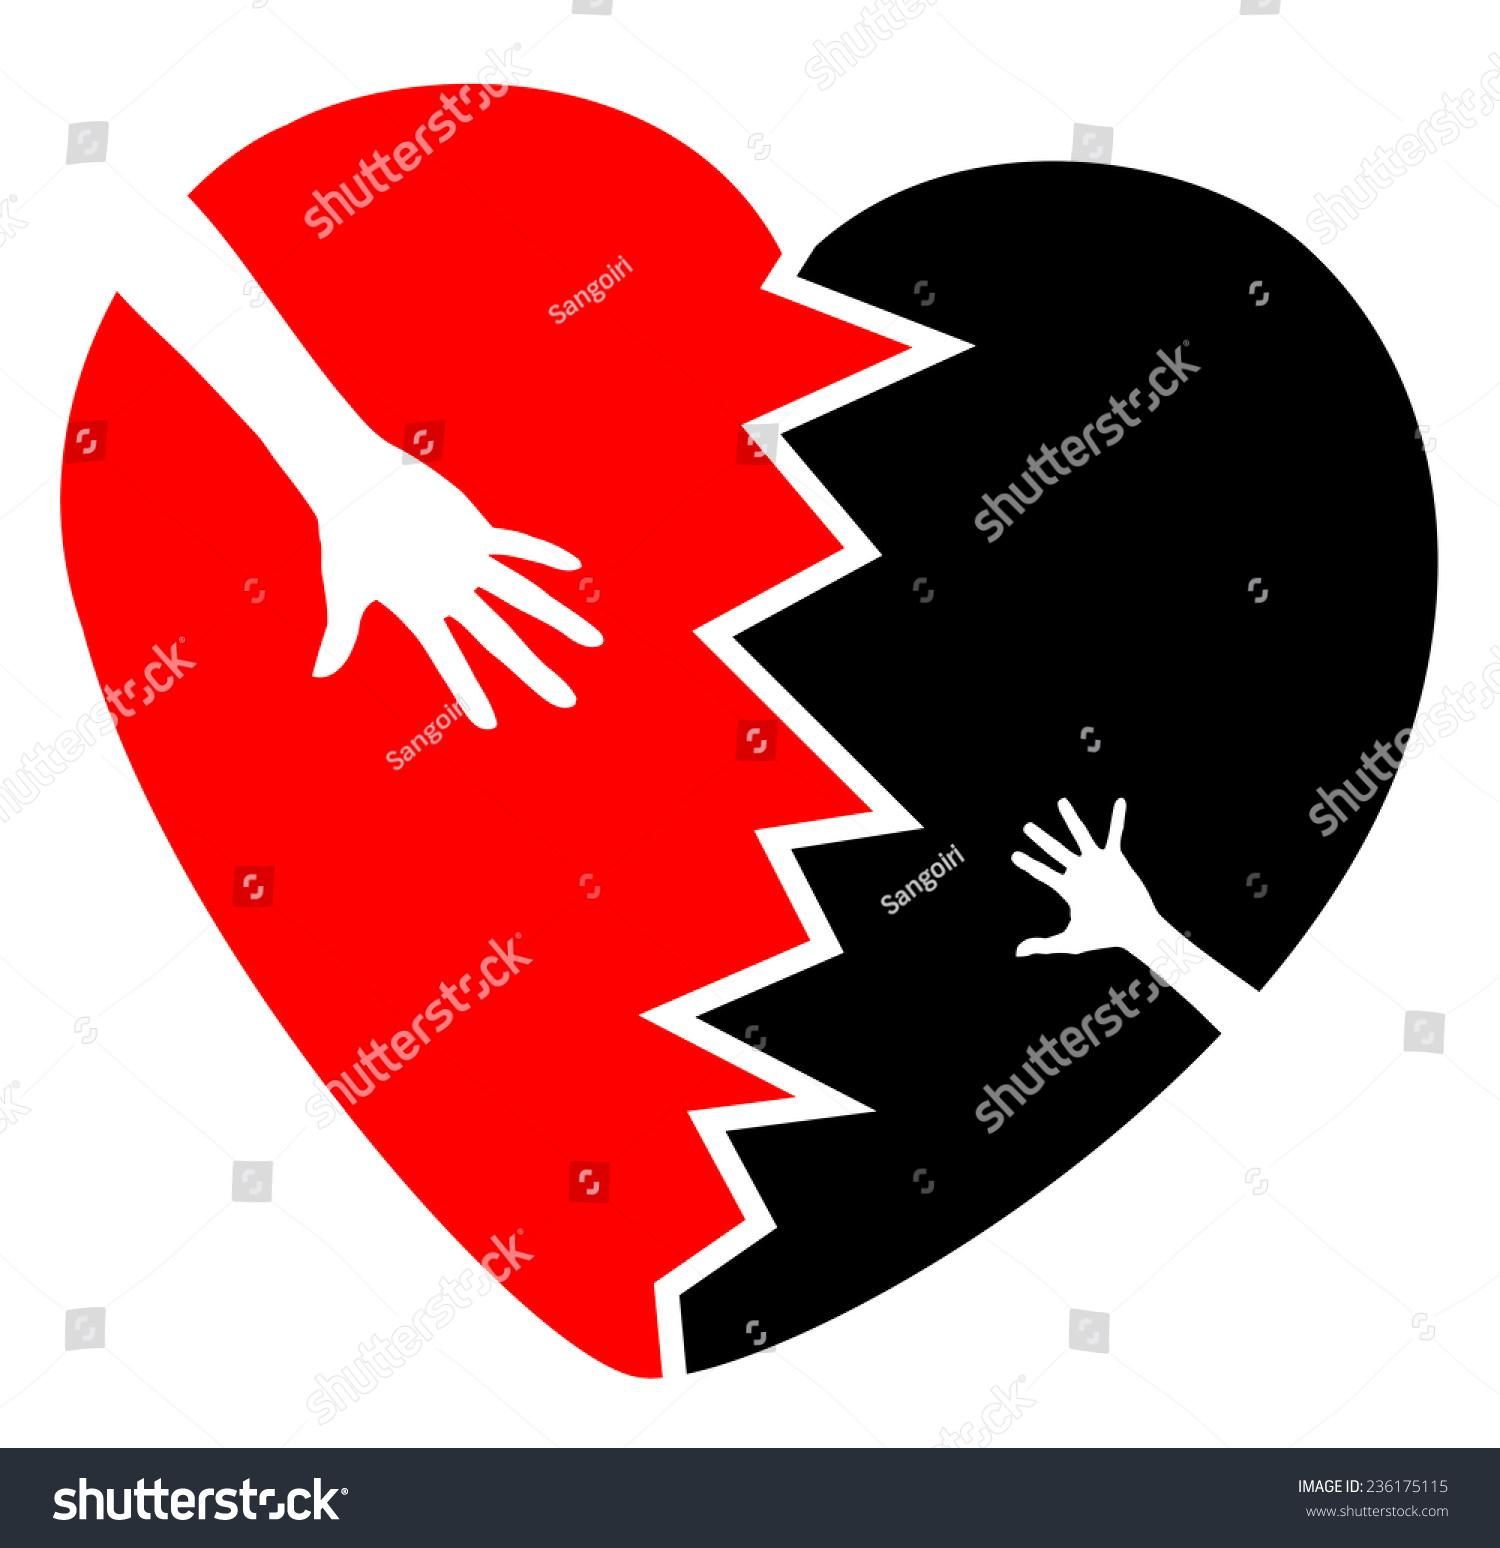 Symbol for broken heart gallery symbol and sign ideas symbol for broken heart image collections symbol and sign ideas broken heart concept sign symbol grief buycottarizona